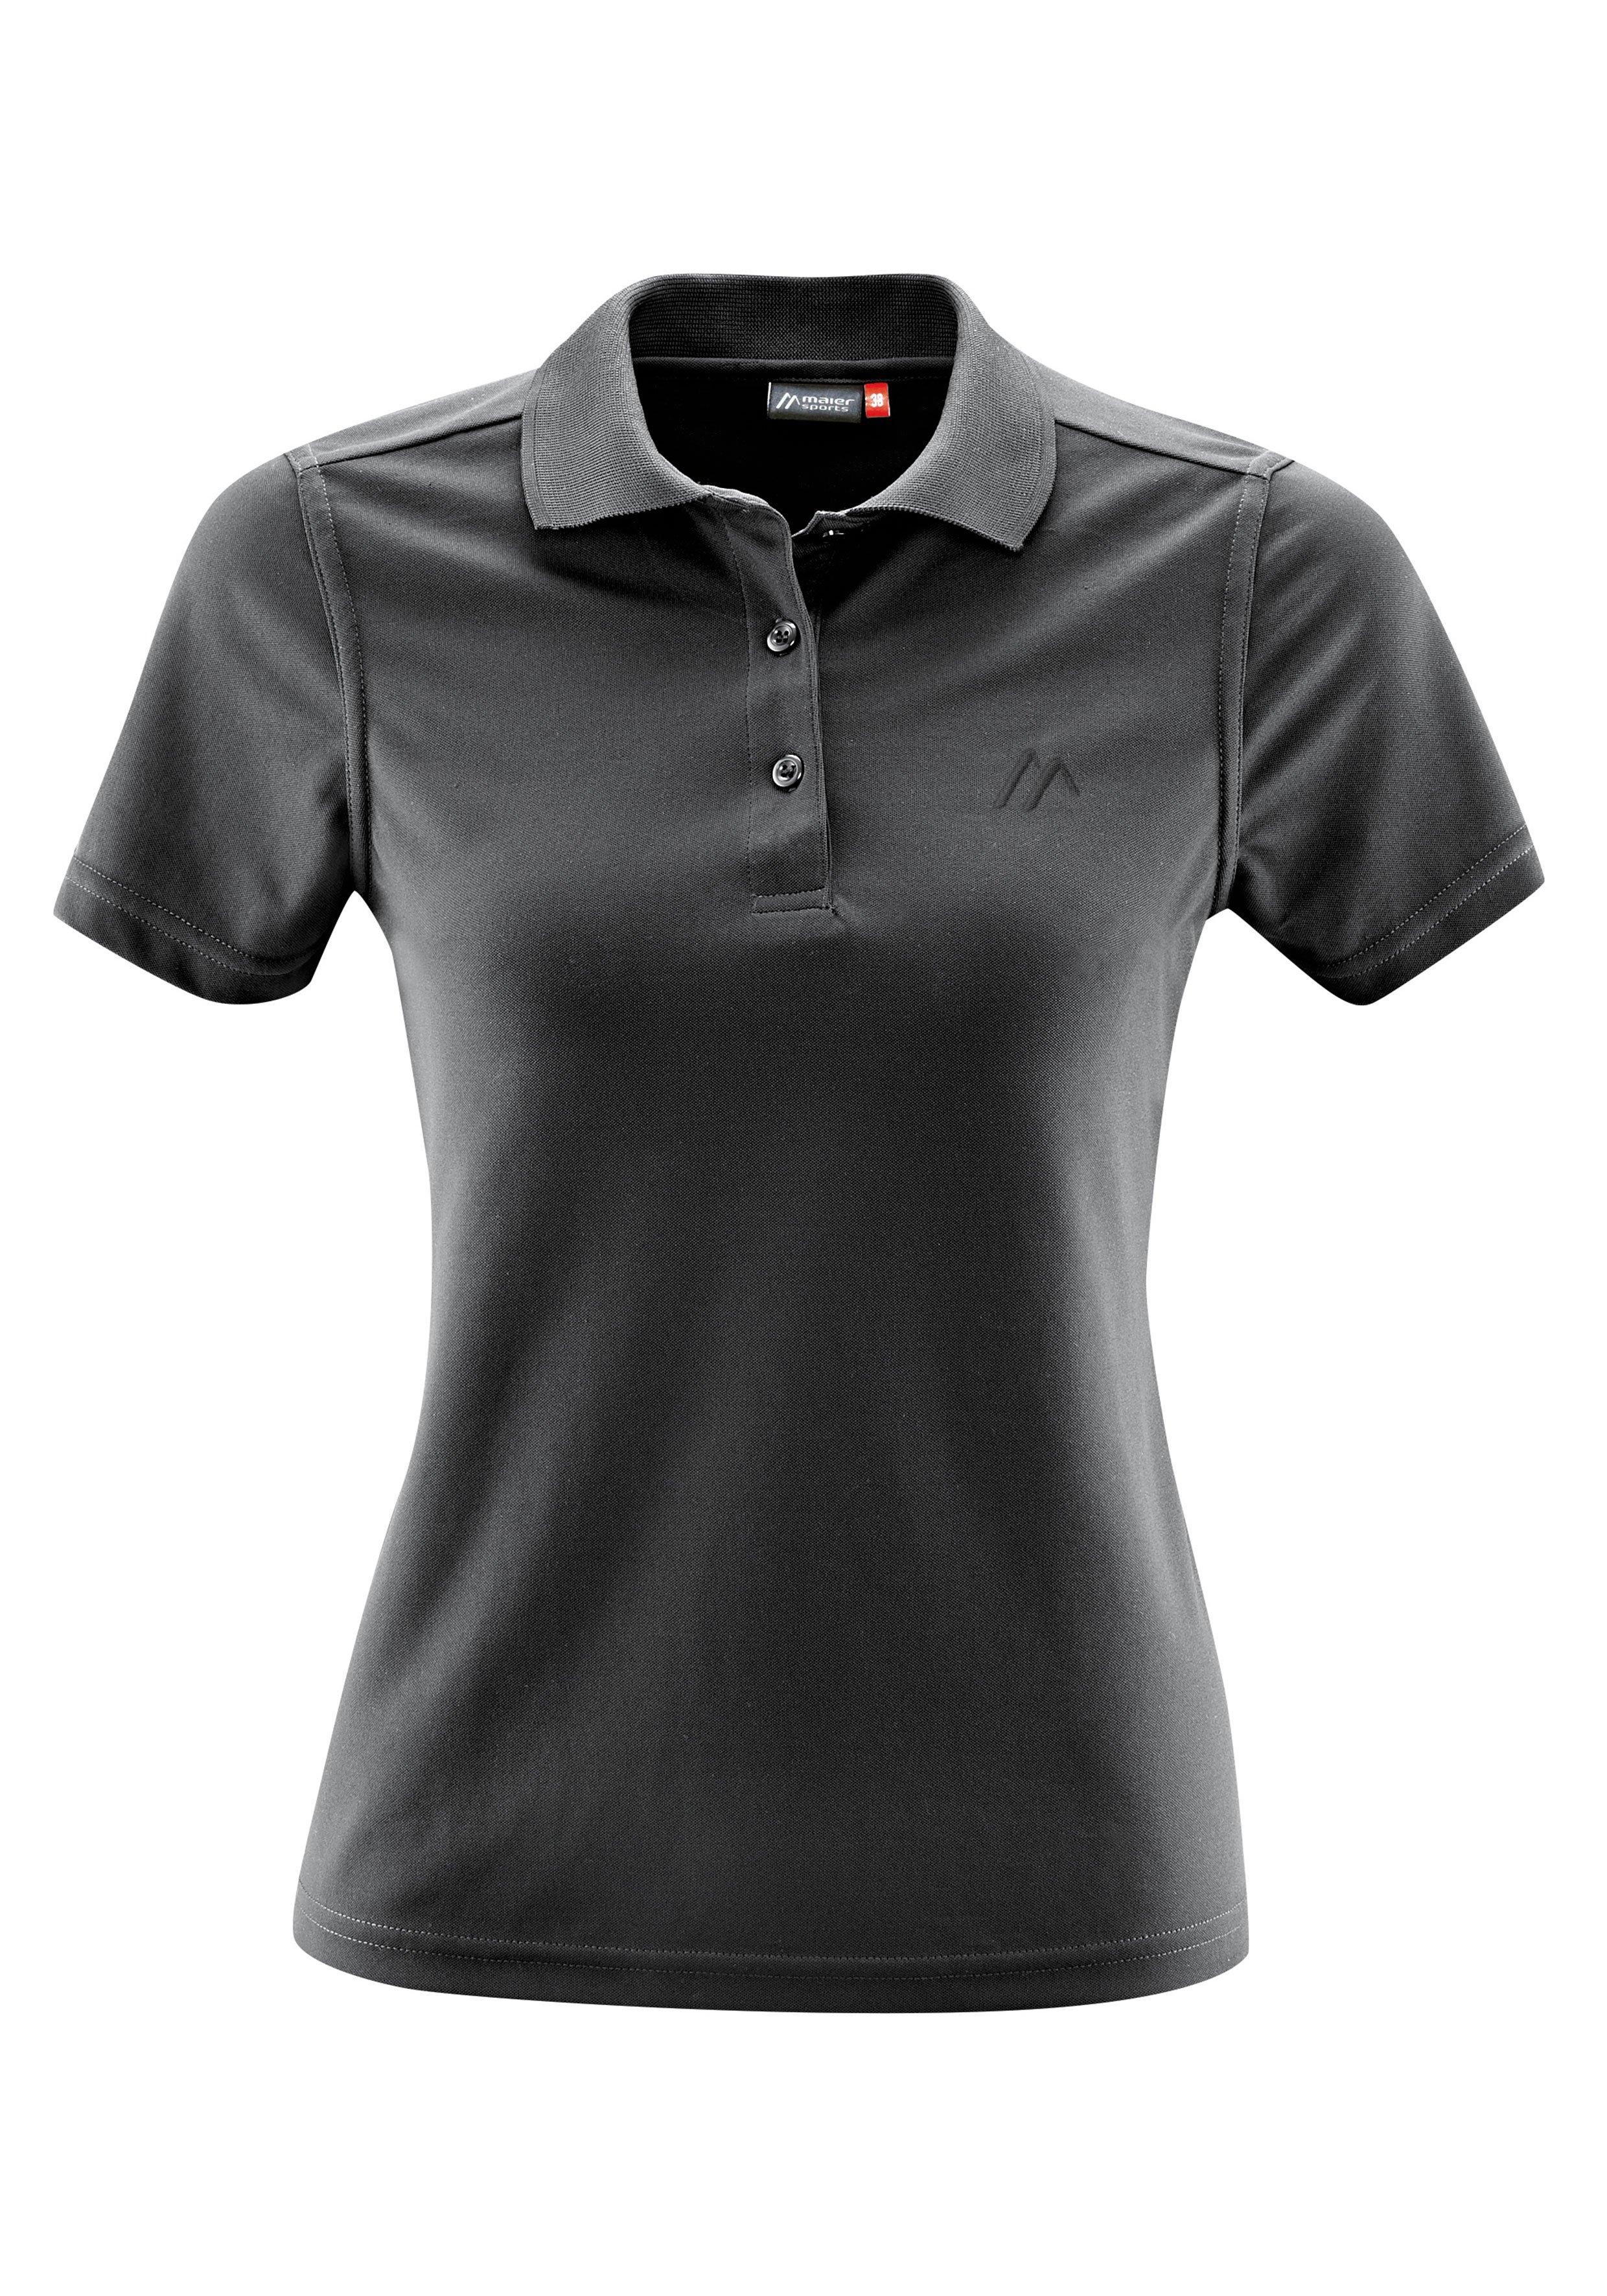 Maier Sports functioneel shirt Ulrike perfect voor wandelen en vrije tijd online kopen op otto.nl